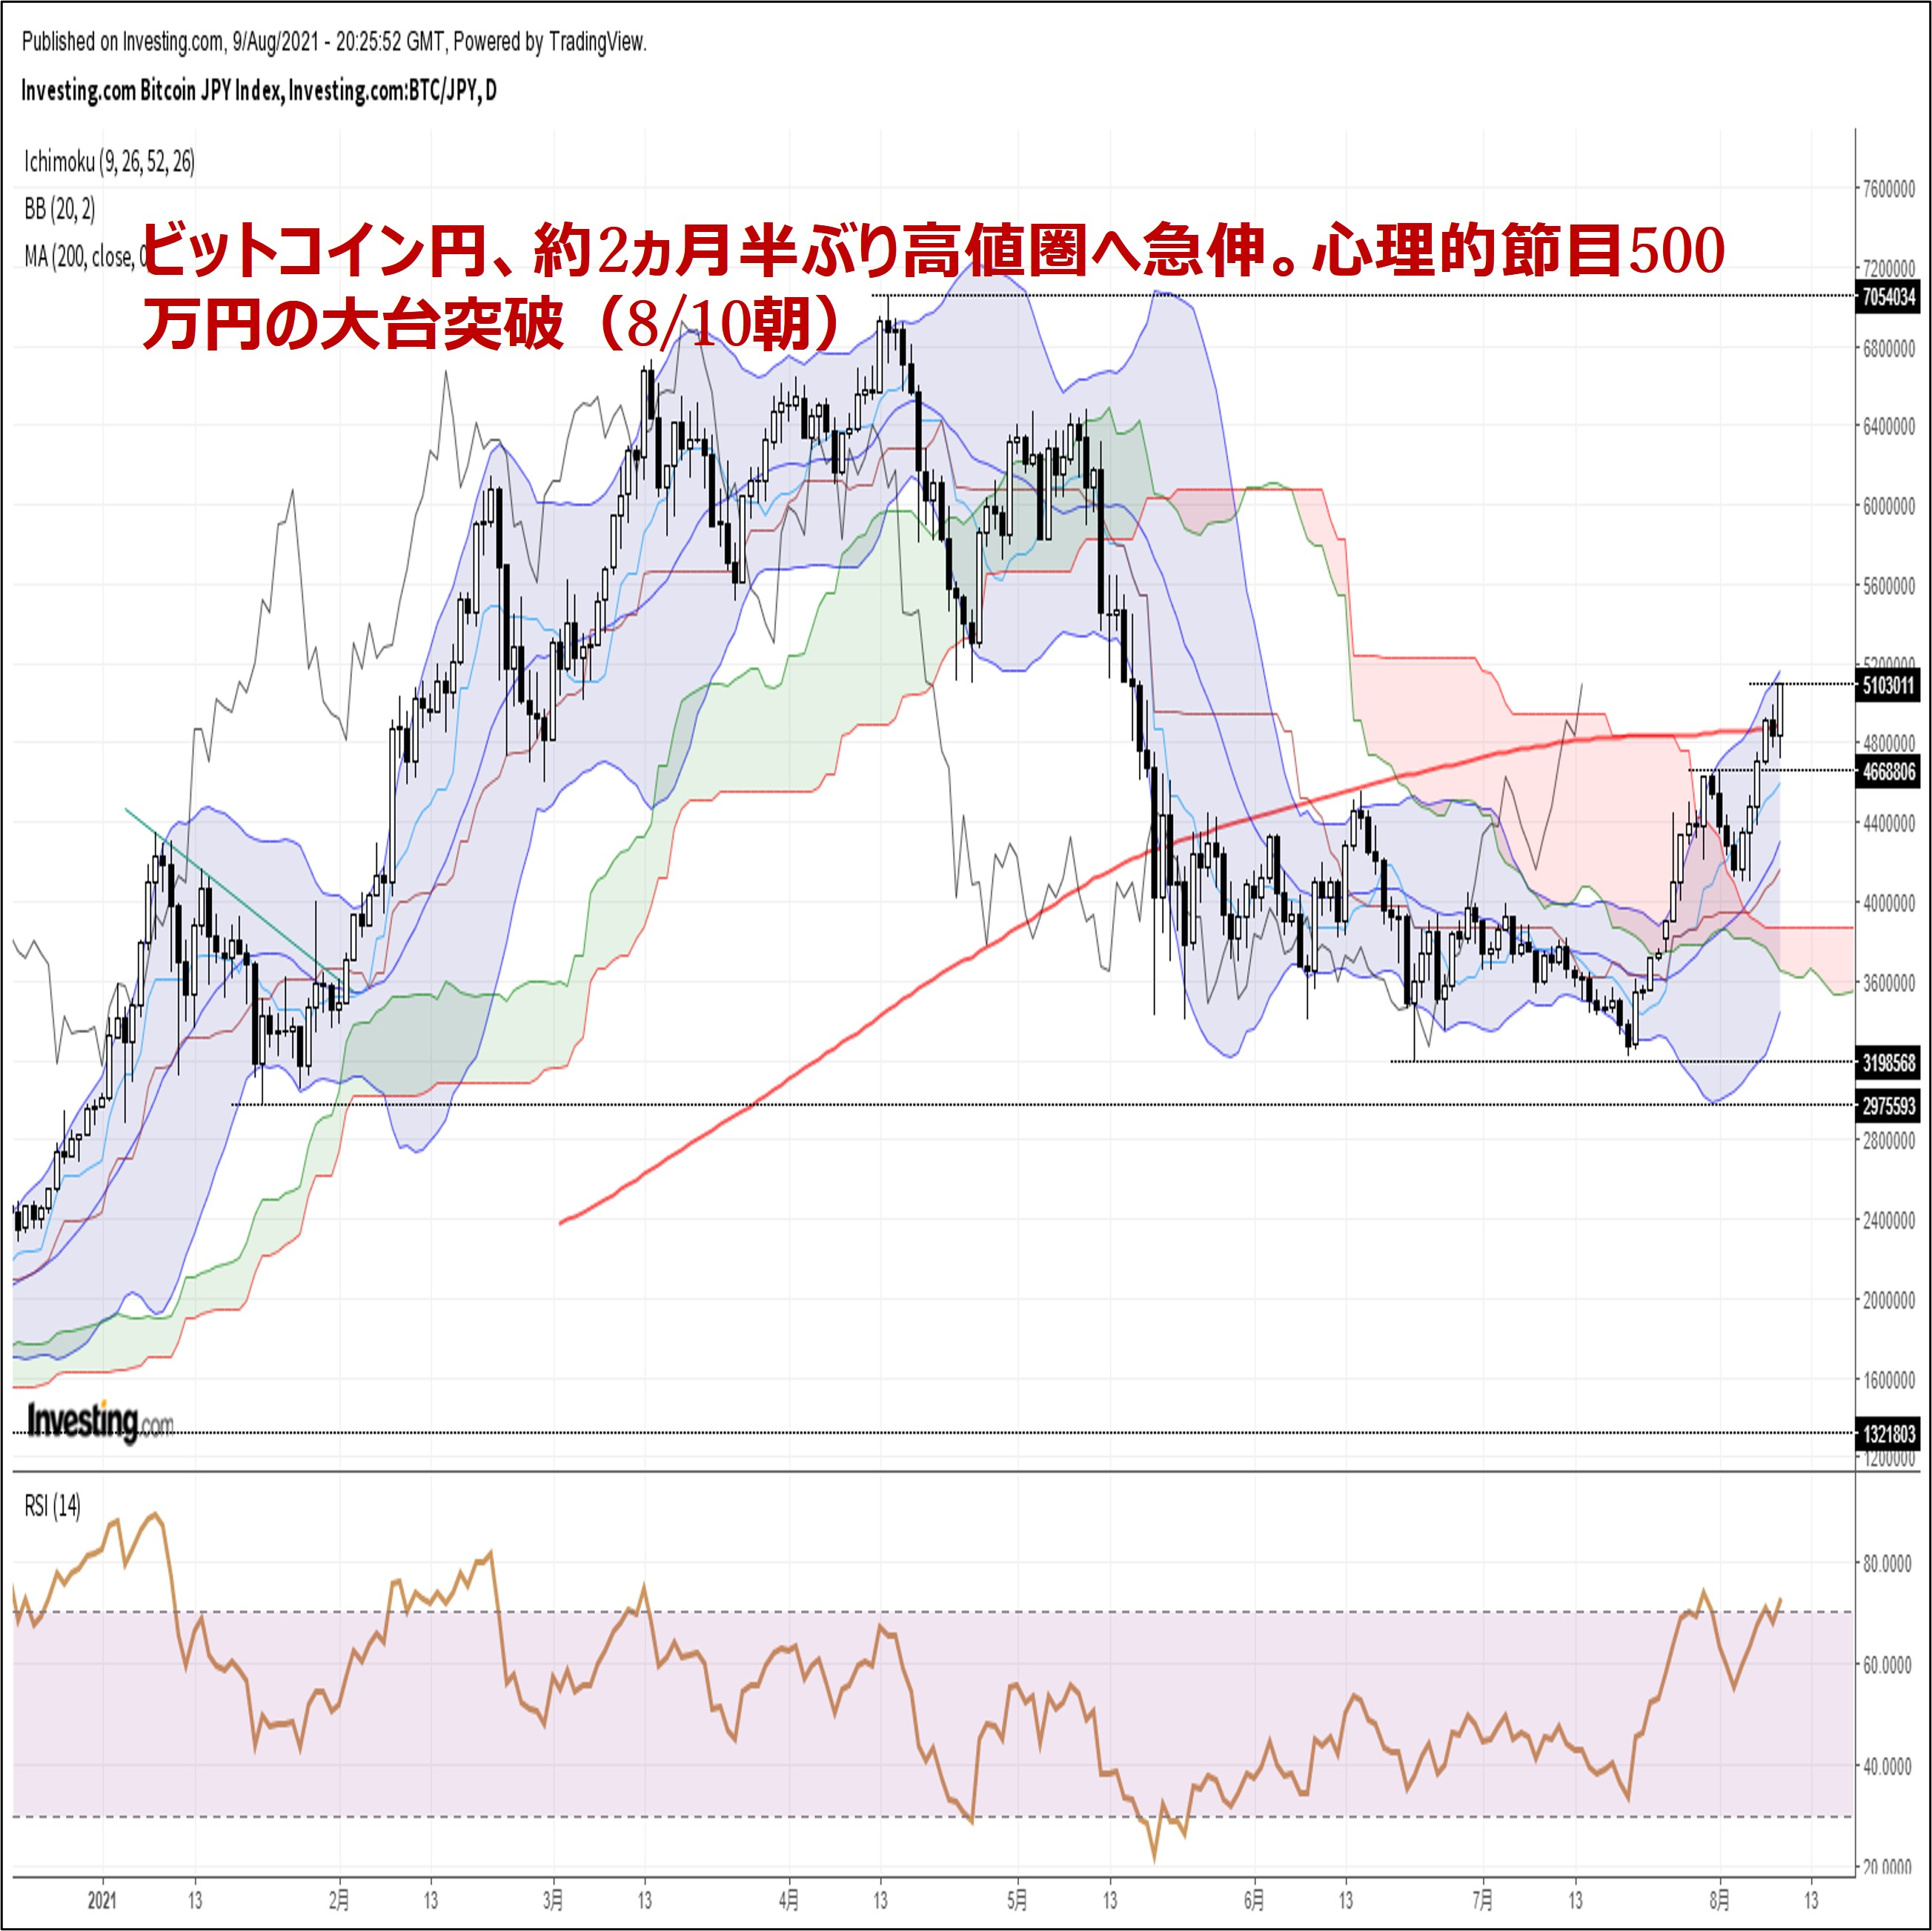 ビットコイン円、約2ヵ月半ぶり高値圏へ急伸。心理的節目500万円の大台突破(8/10朝)